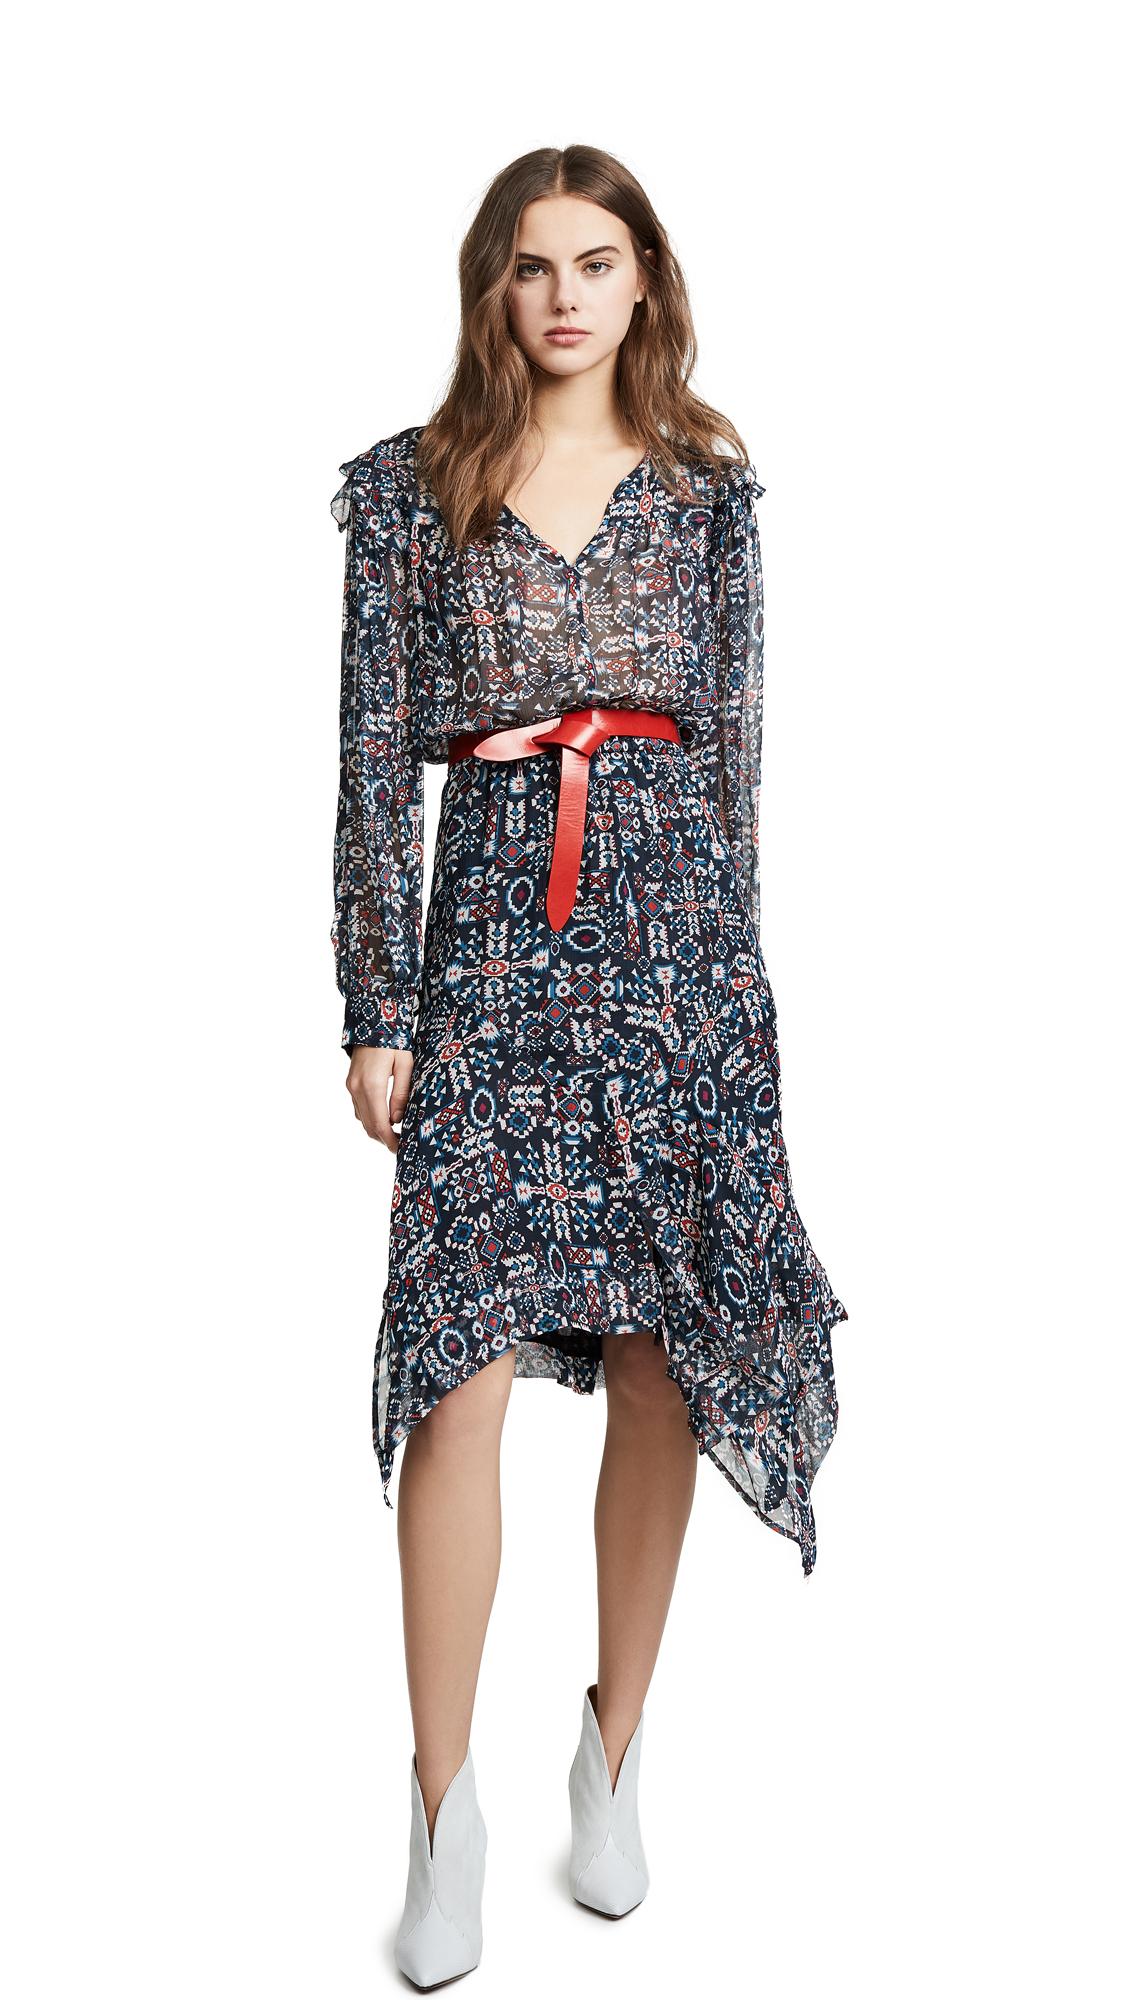 Isabel Marant Etoile Enna Dress - Faded Black